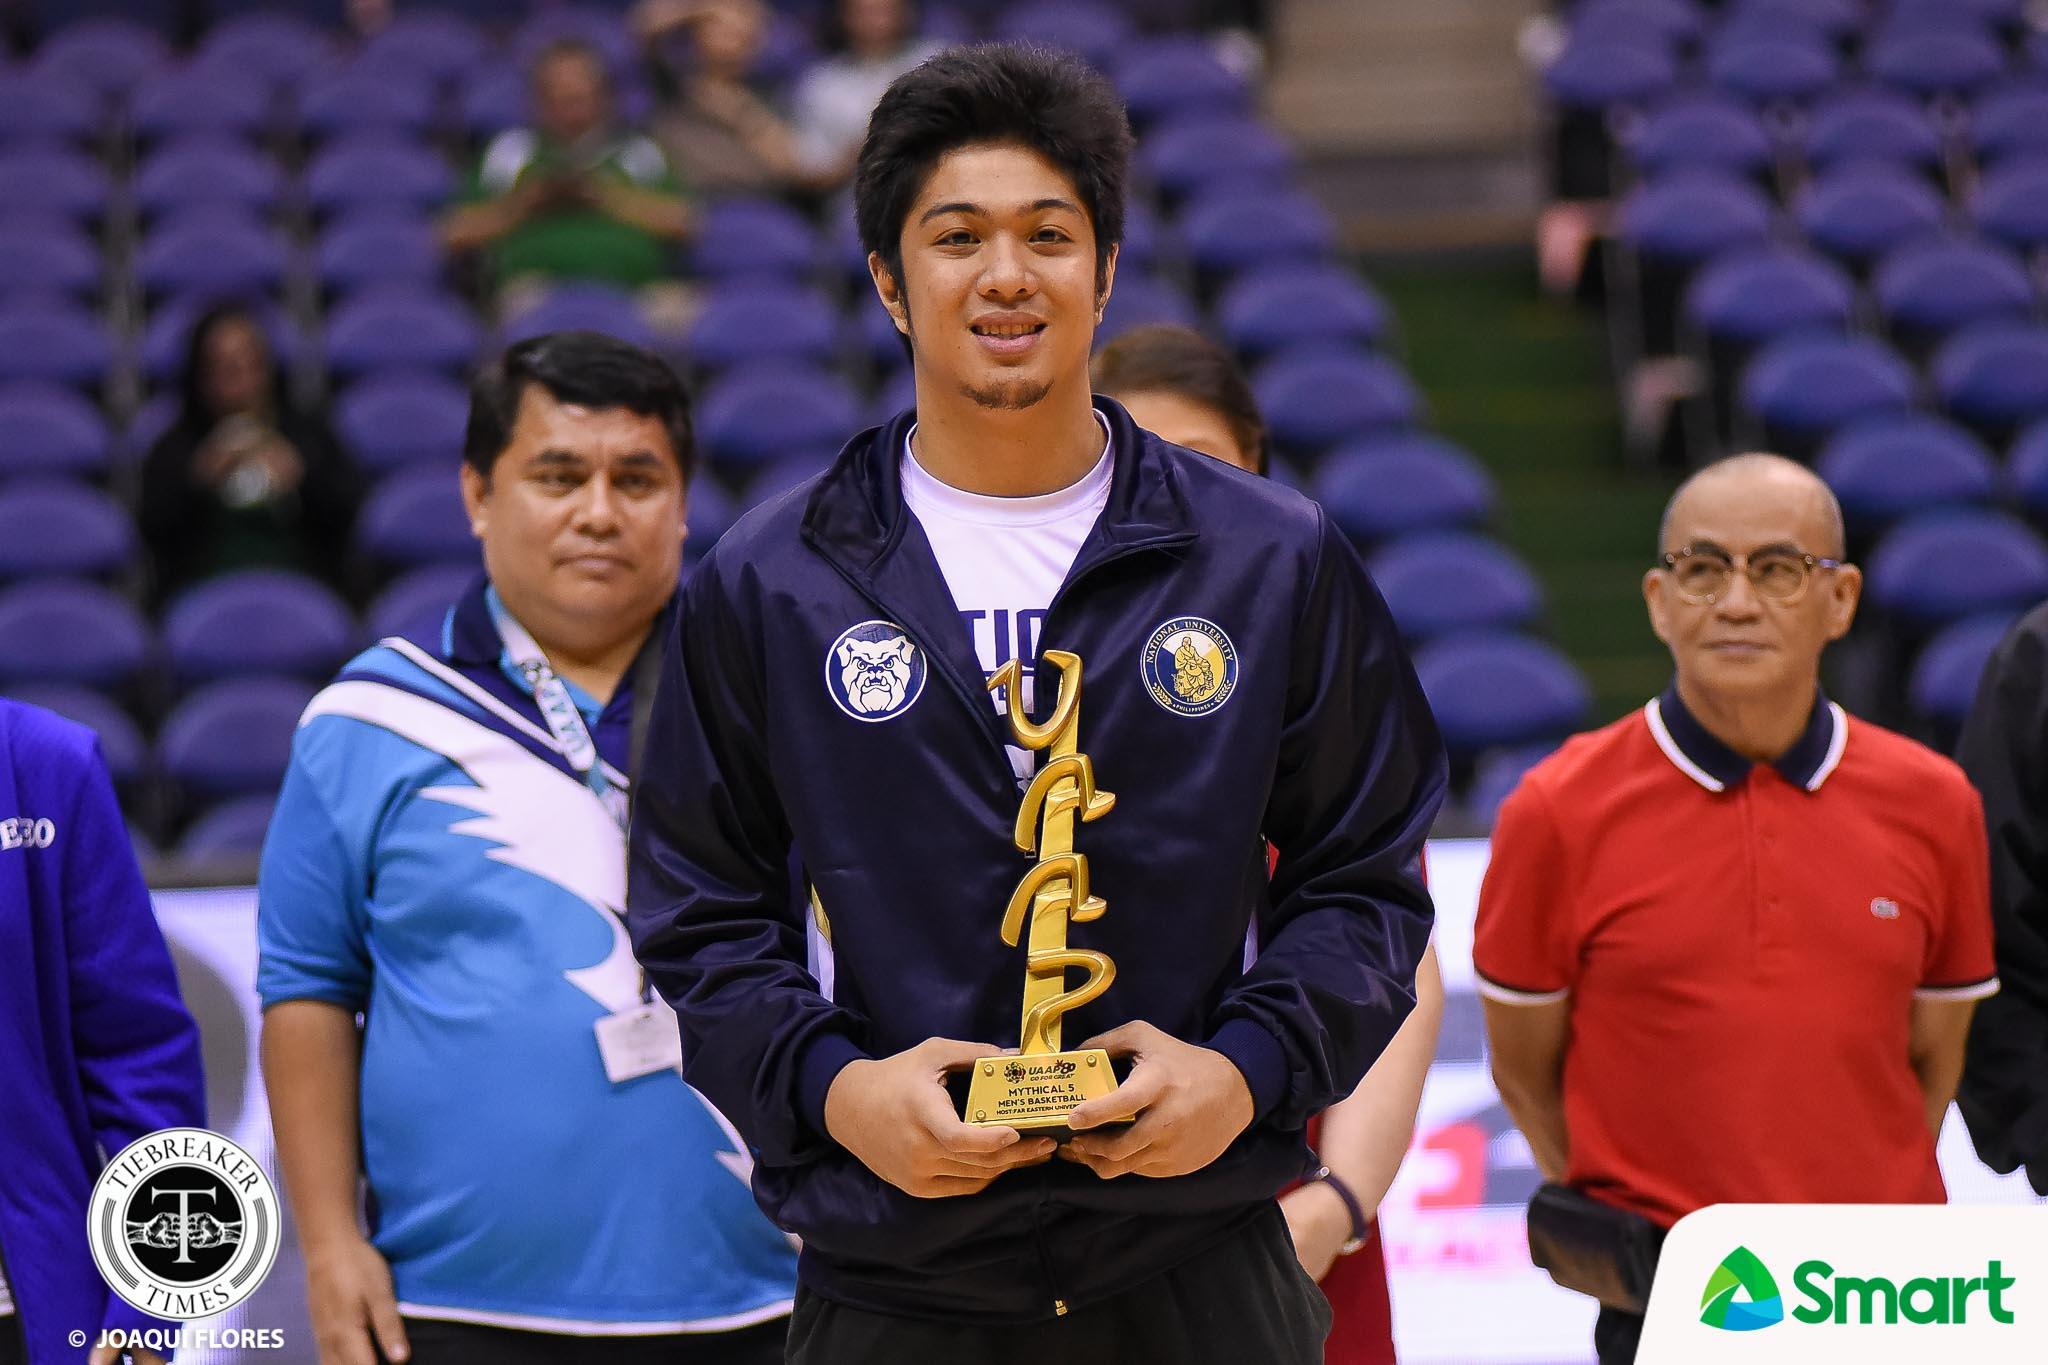 UAAP 80 Men's Basketball Awarding - Jjay Alejandro-0985 ...